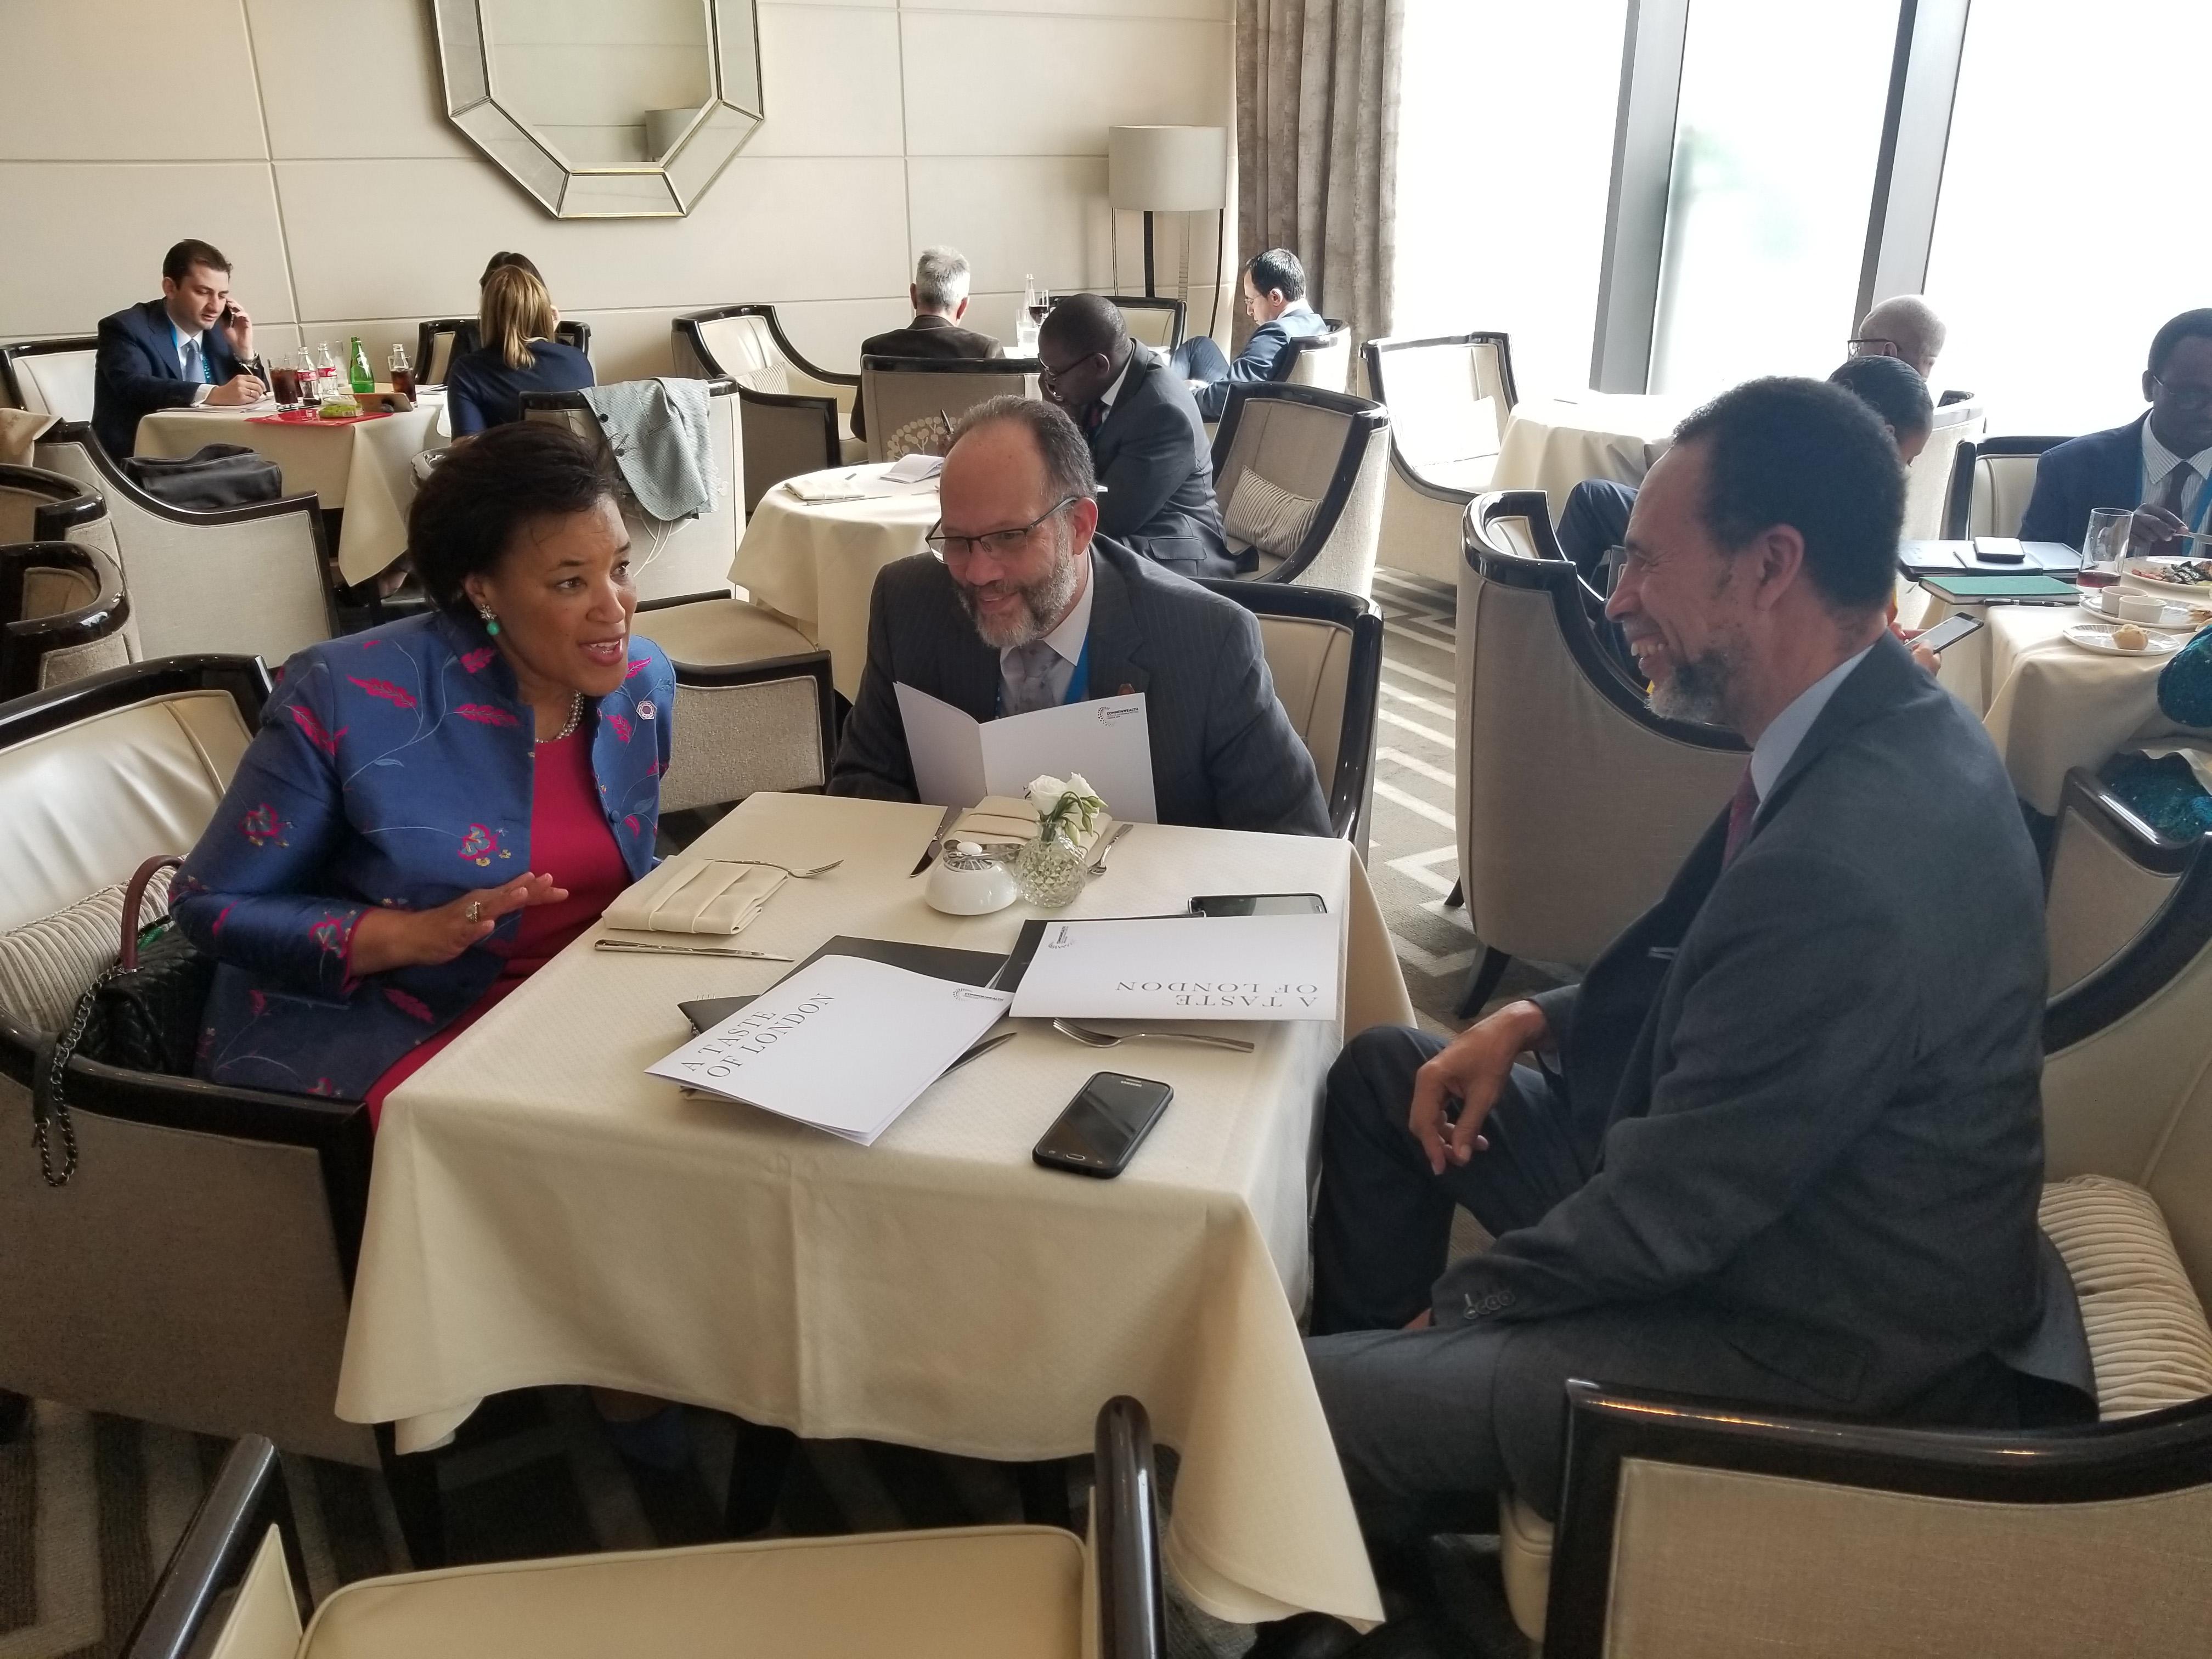 (l-r) Baroness Patricia Scotland, Ambassador irwin LaRocque, Ambassador Colin Granderson